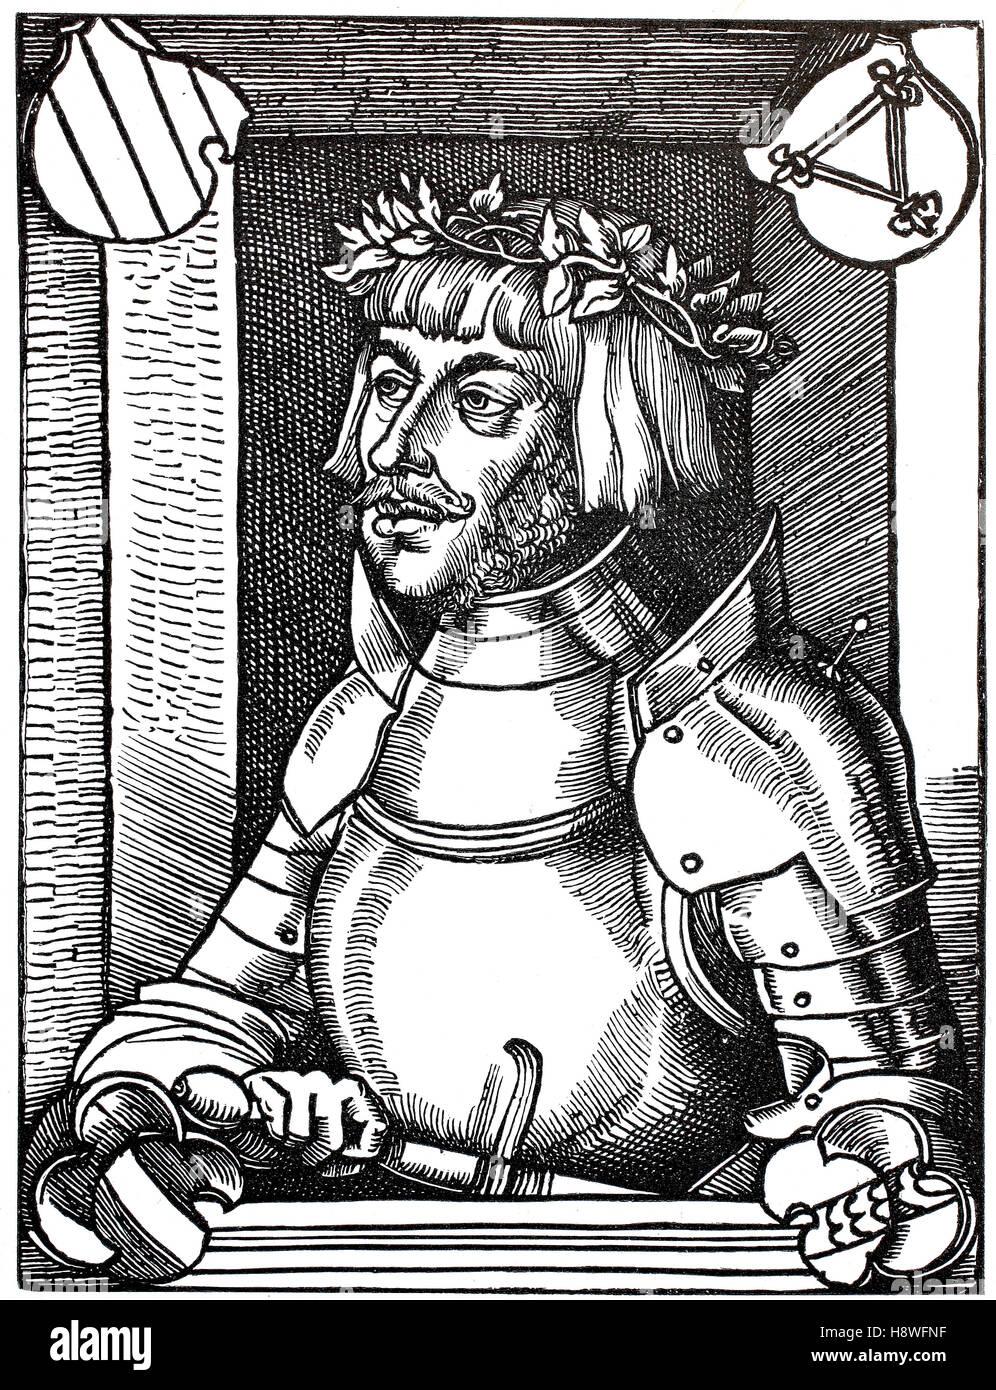 Ulrich von Hutten was a German scholar, poet, satirist and reformer - Stock Image